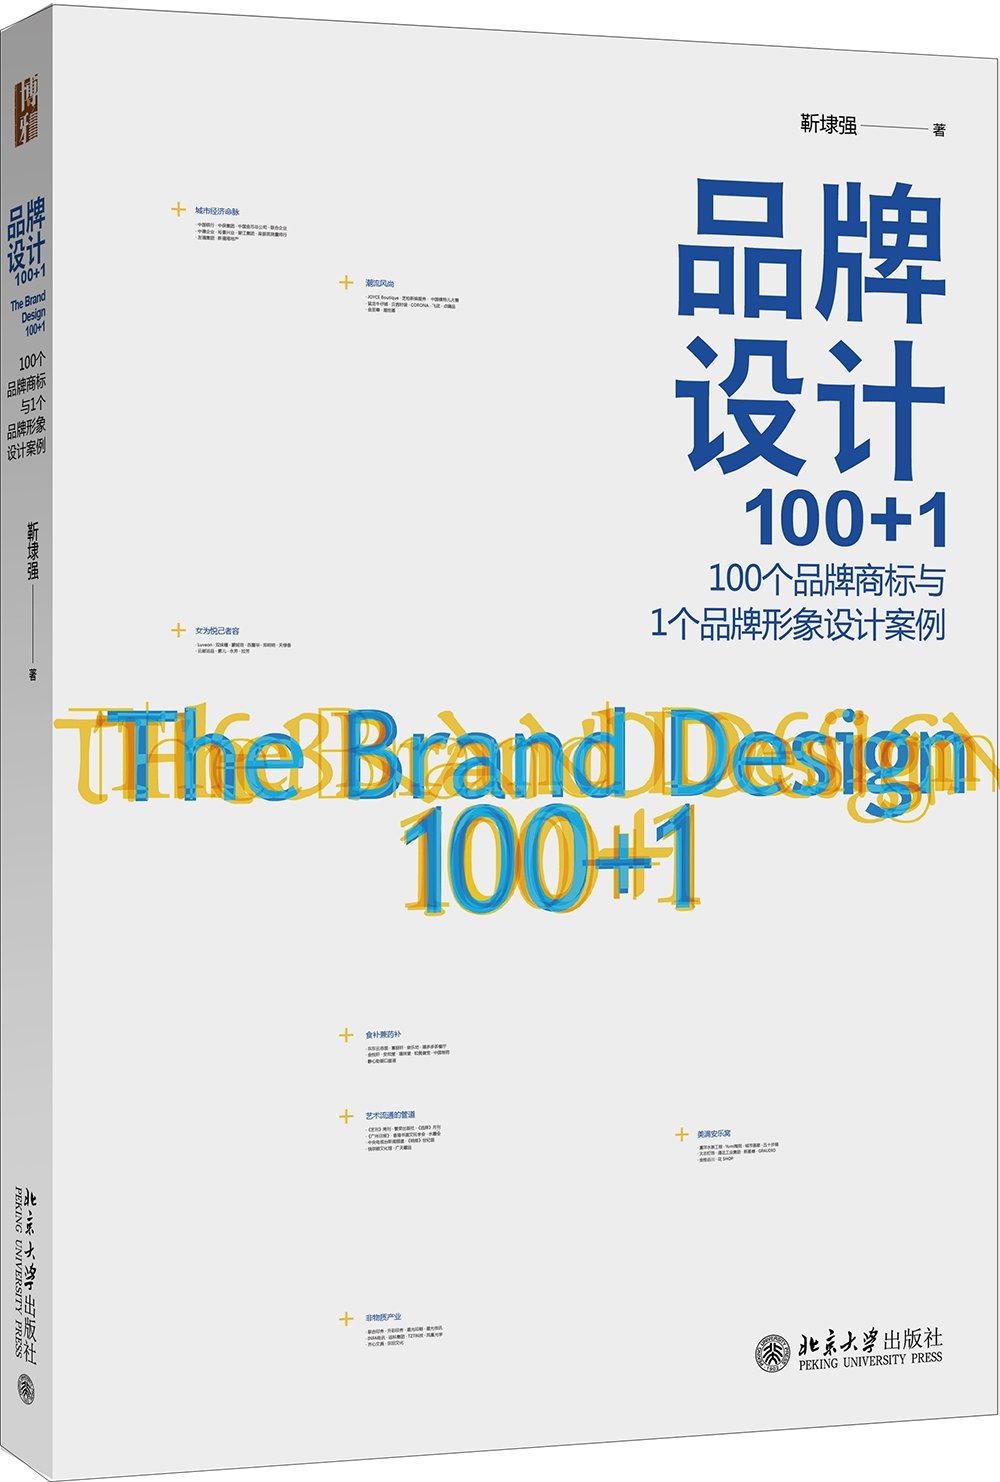 品牌設計100+1:100個品牌商標與1個品牌形象設計案例